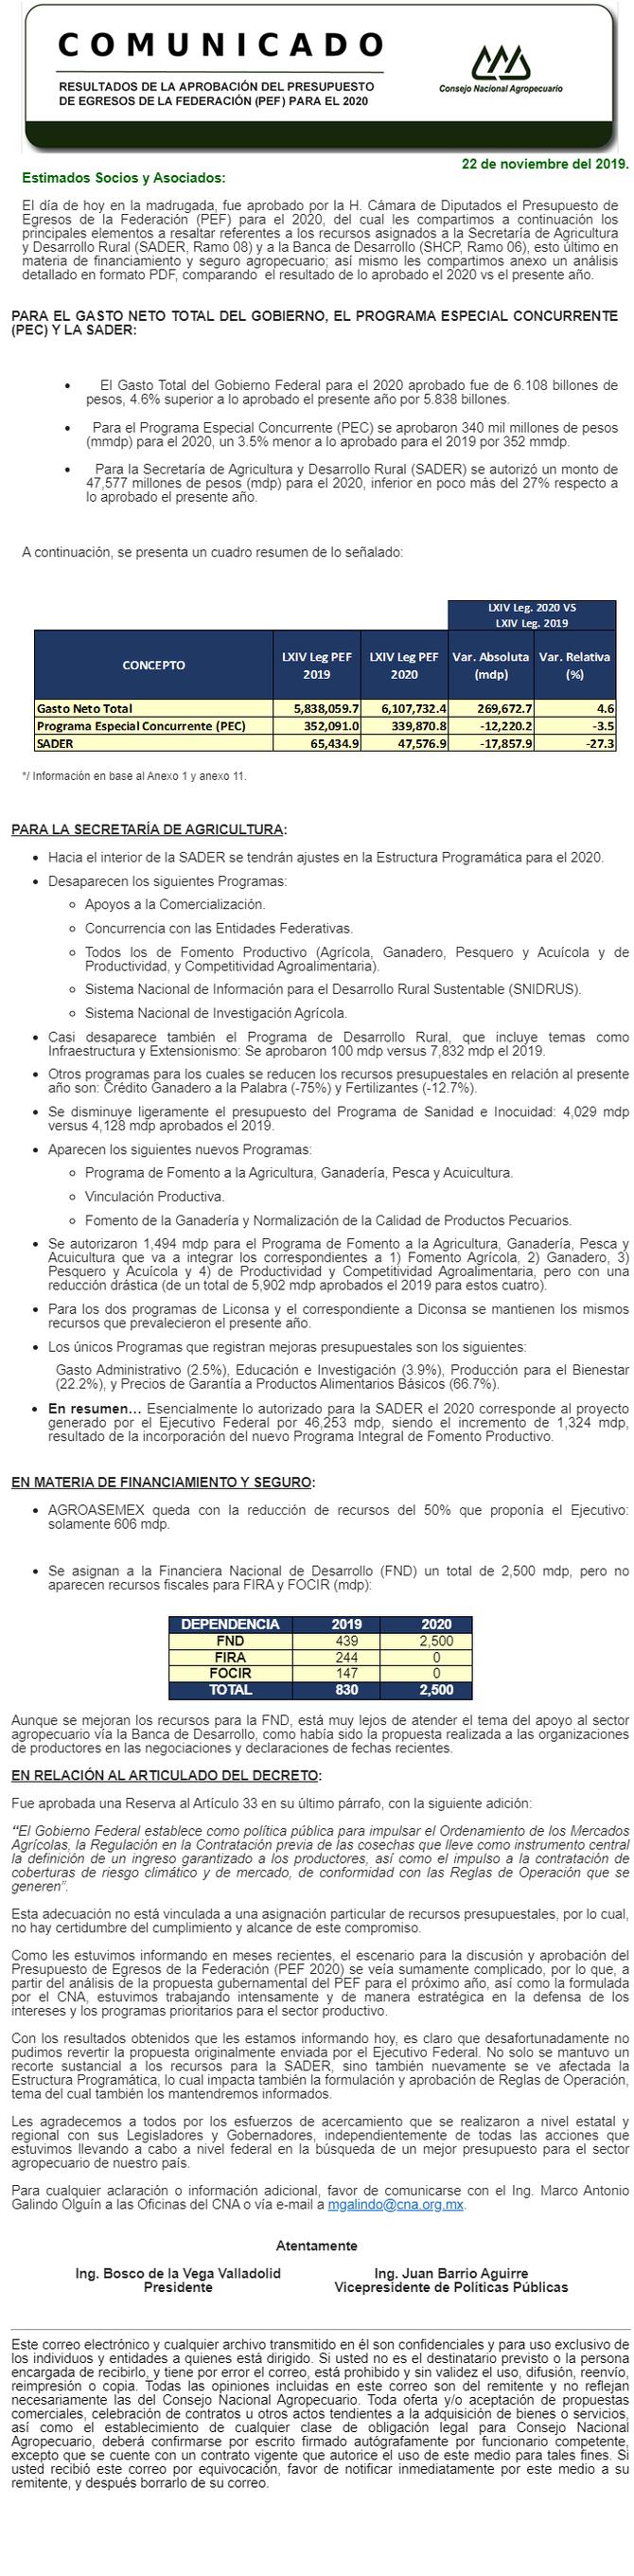 RESULTADOS DE LA APROBACIÓN DEL PRESUPUESTO DE EGRESOS DE LA FEDERACIÓN (PEF) PARA EL 2020